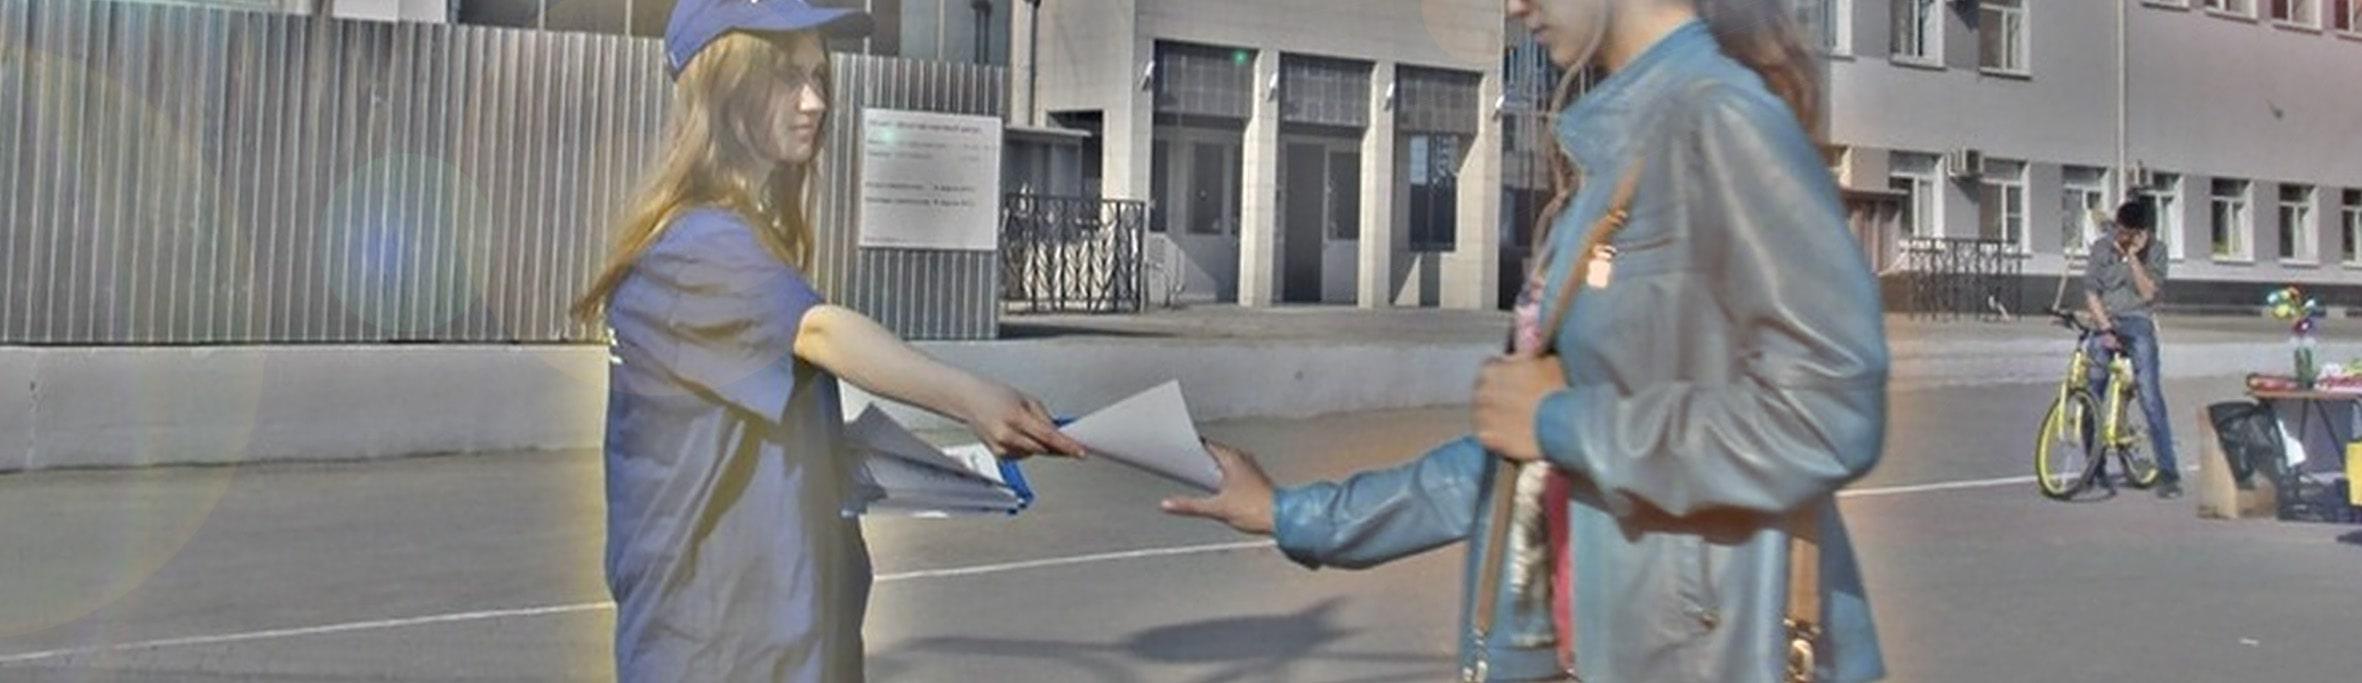 Распространение листовок в Ставрополе btl